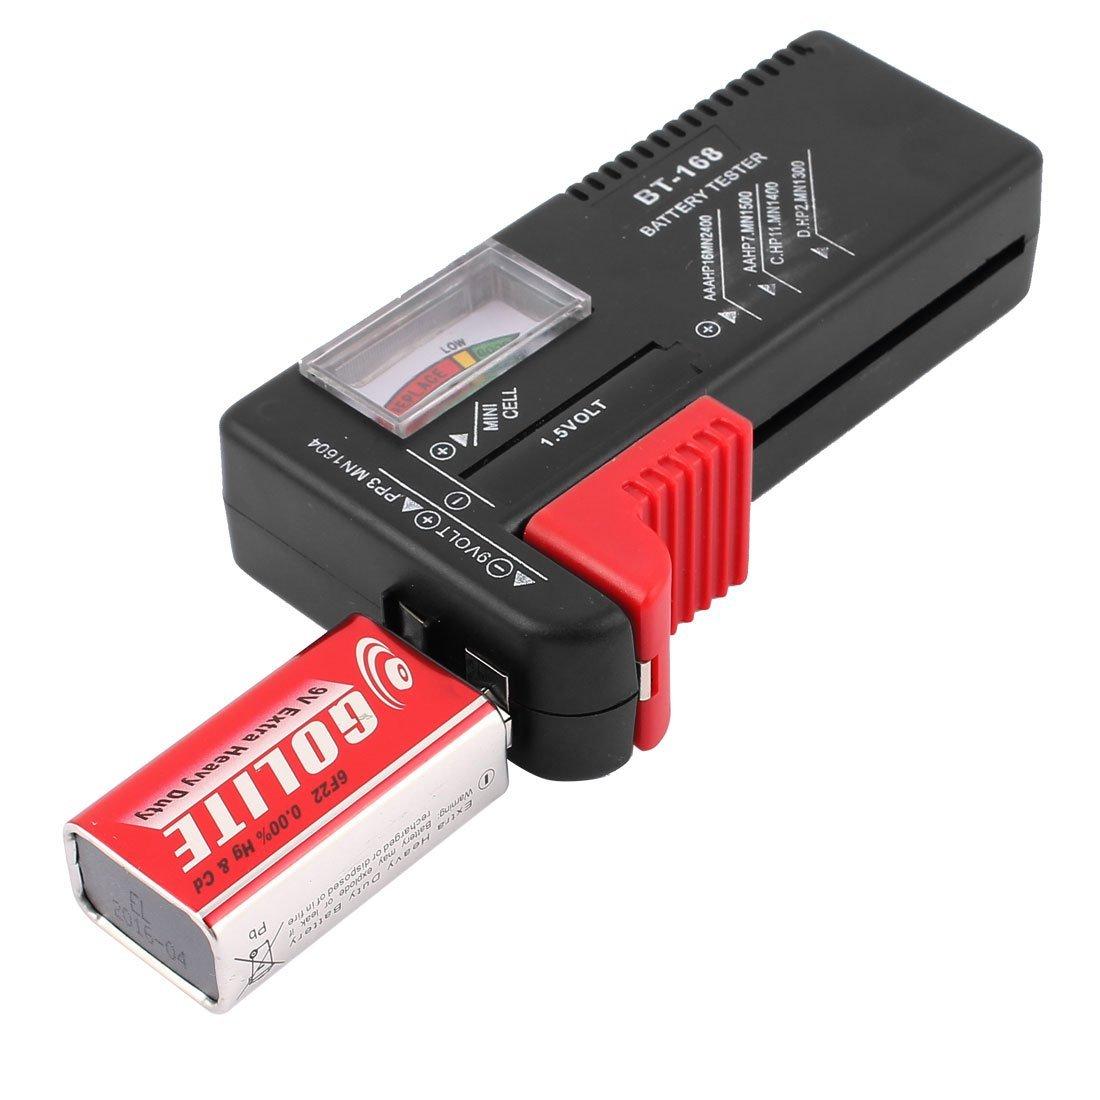 Amazon.com: eDealMax código de Color medidor de batería Comprobador Tester Volt Cell AA AAA CD 9V Botón: Health & Personal Care